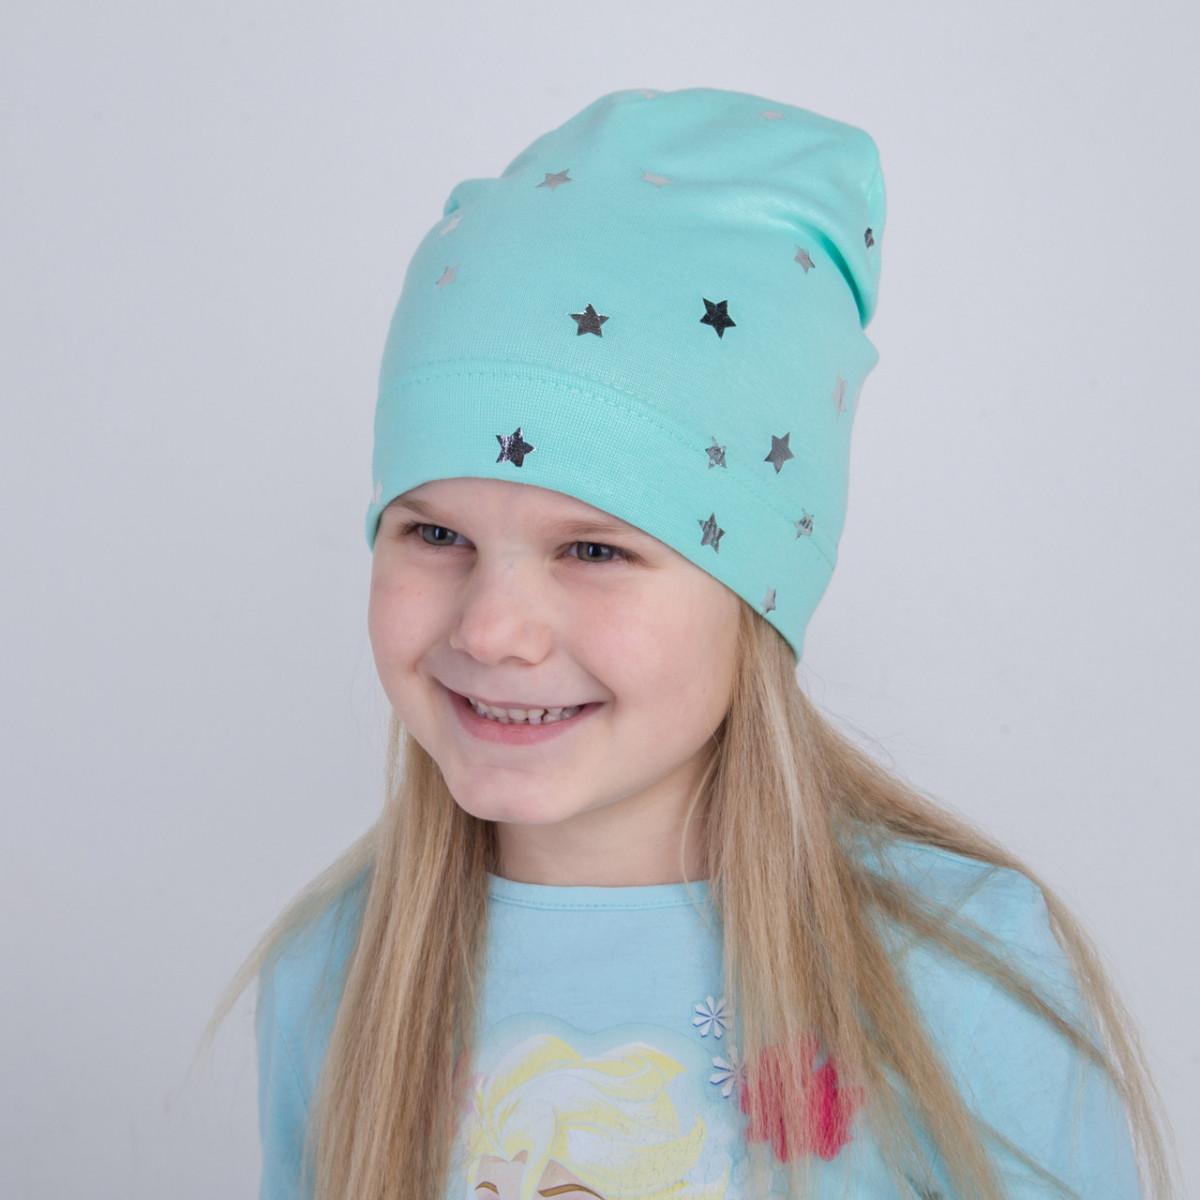 Шапка для дівчаток на весну-осінь оптом - Stars - Артикул 2215